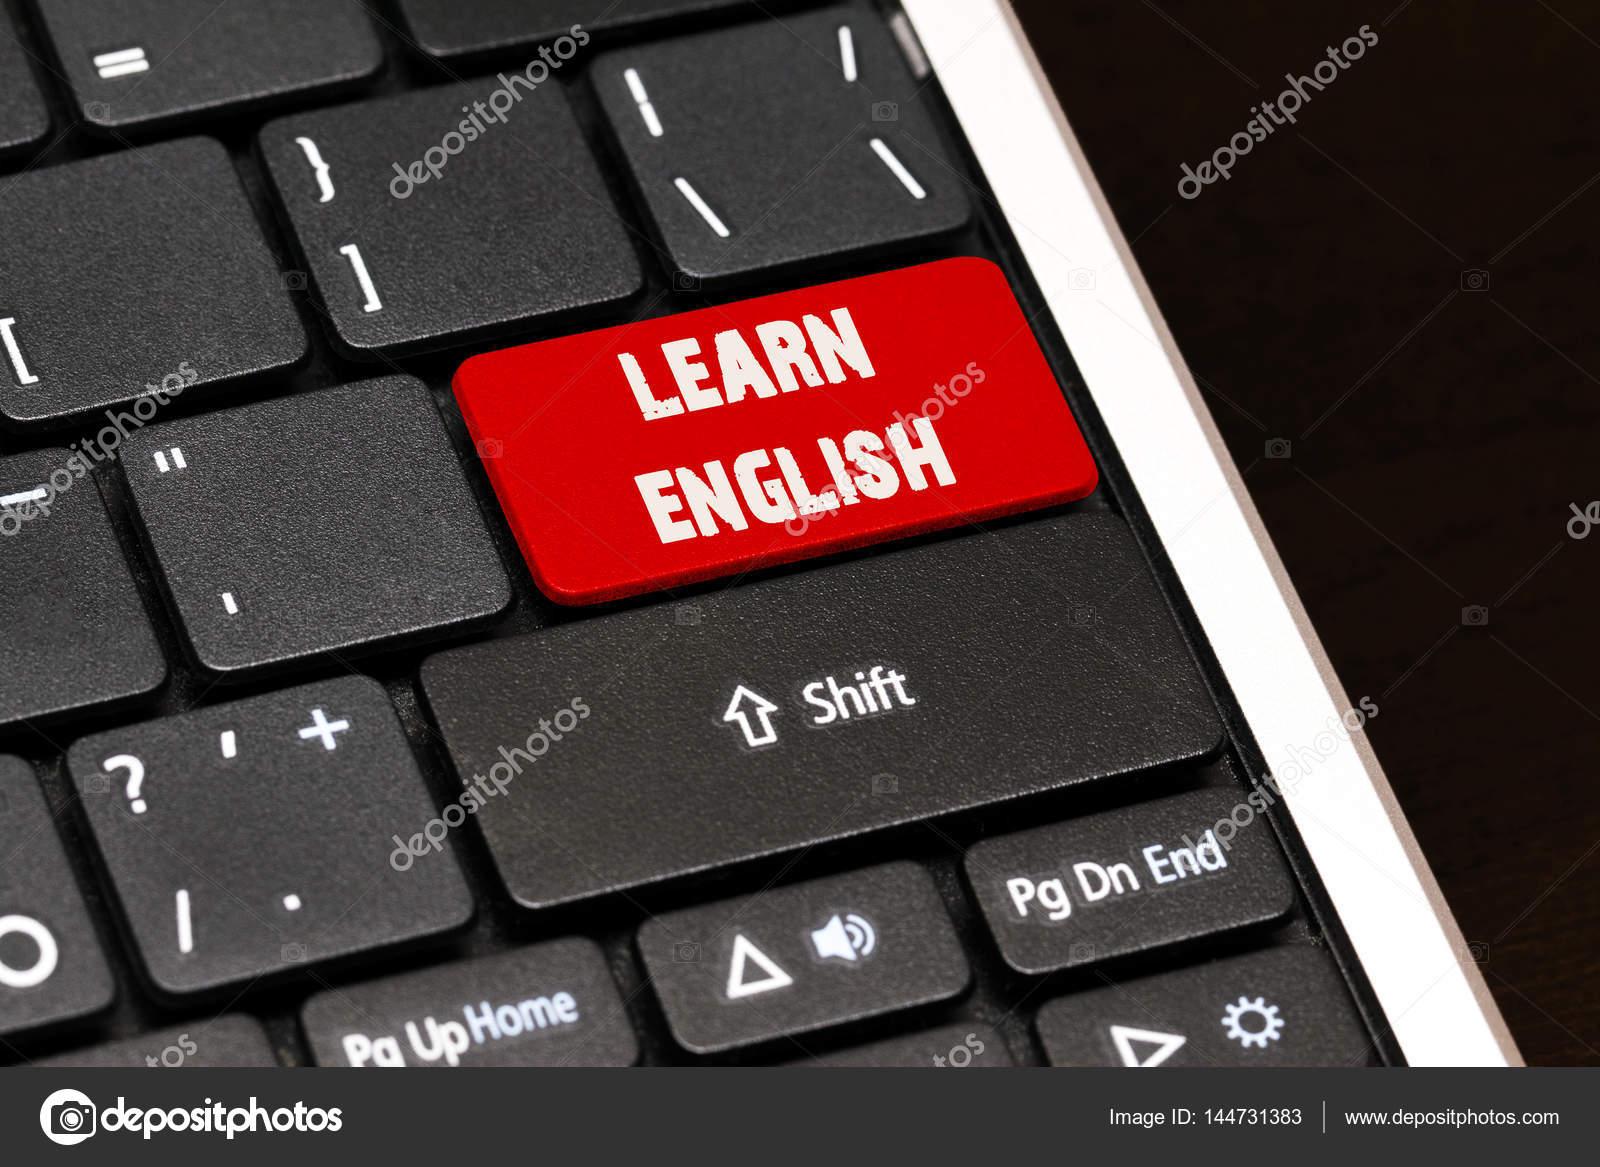 английский язык клавиатура скачать